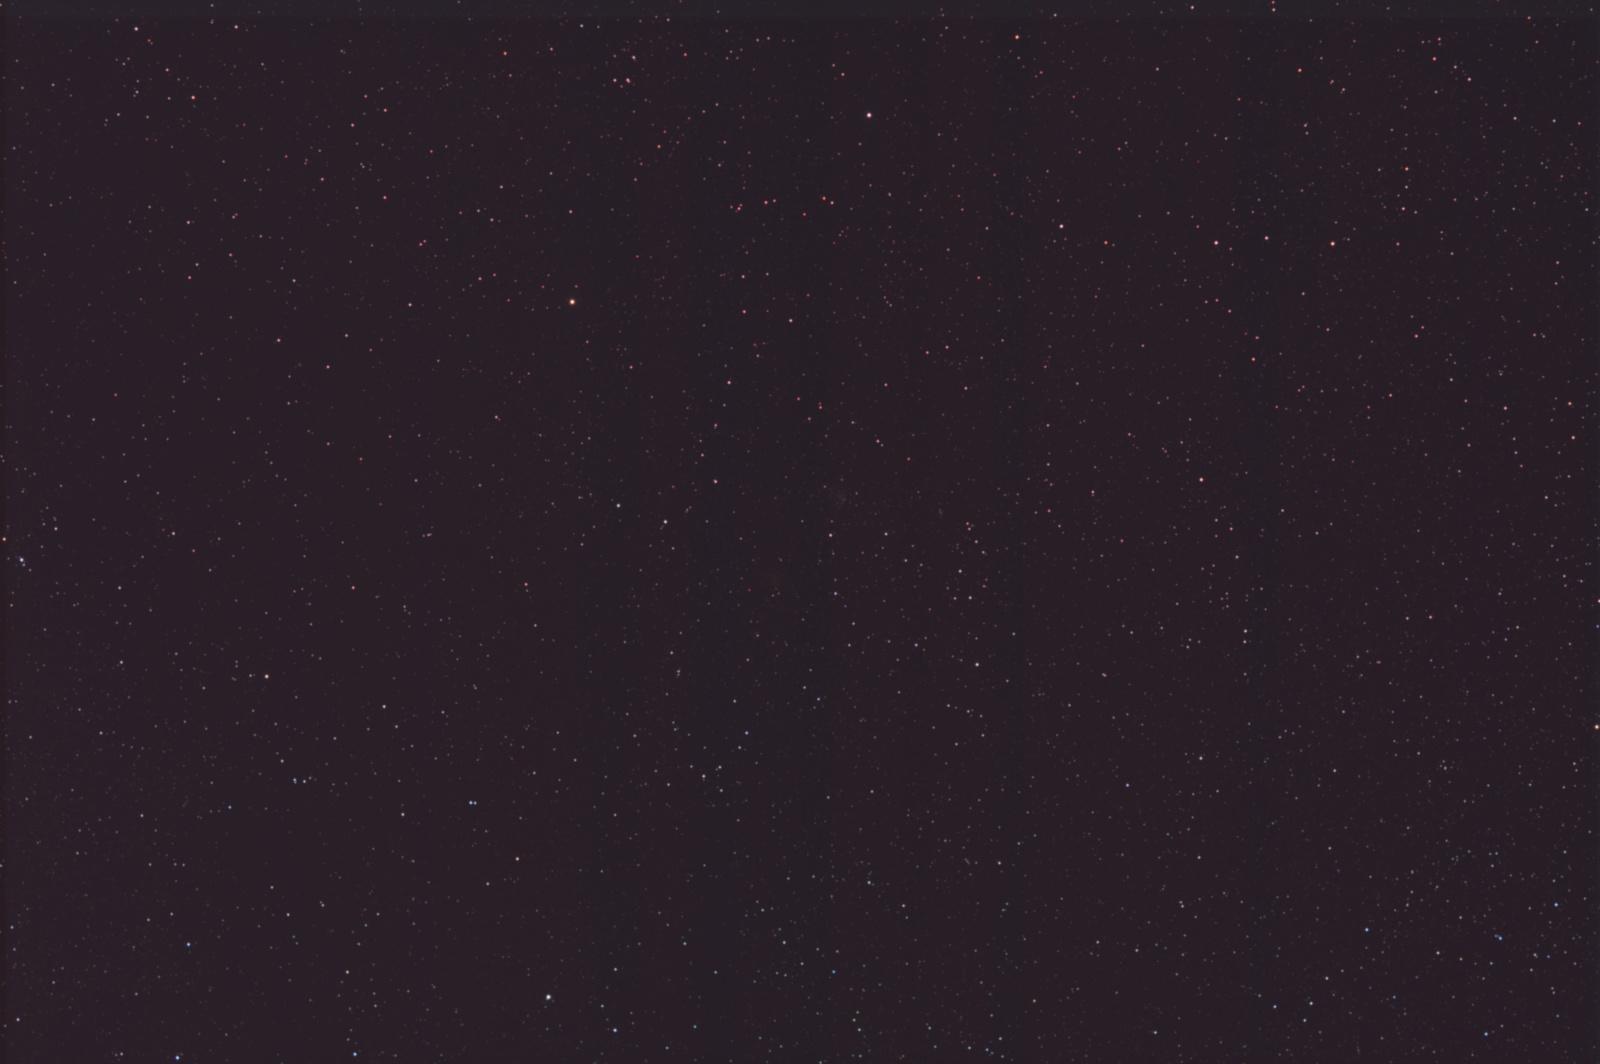 blur_gradient_RT_Sigma2-45_48x120s_iso100_f4-0.thumb.jpg.33adf04d7c408fd41a973f01b742ccdb.jpg